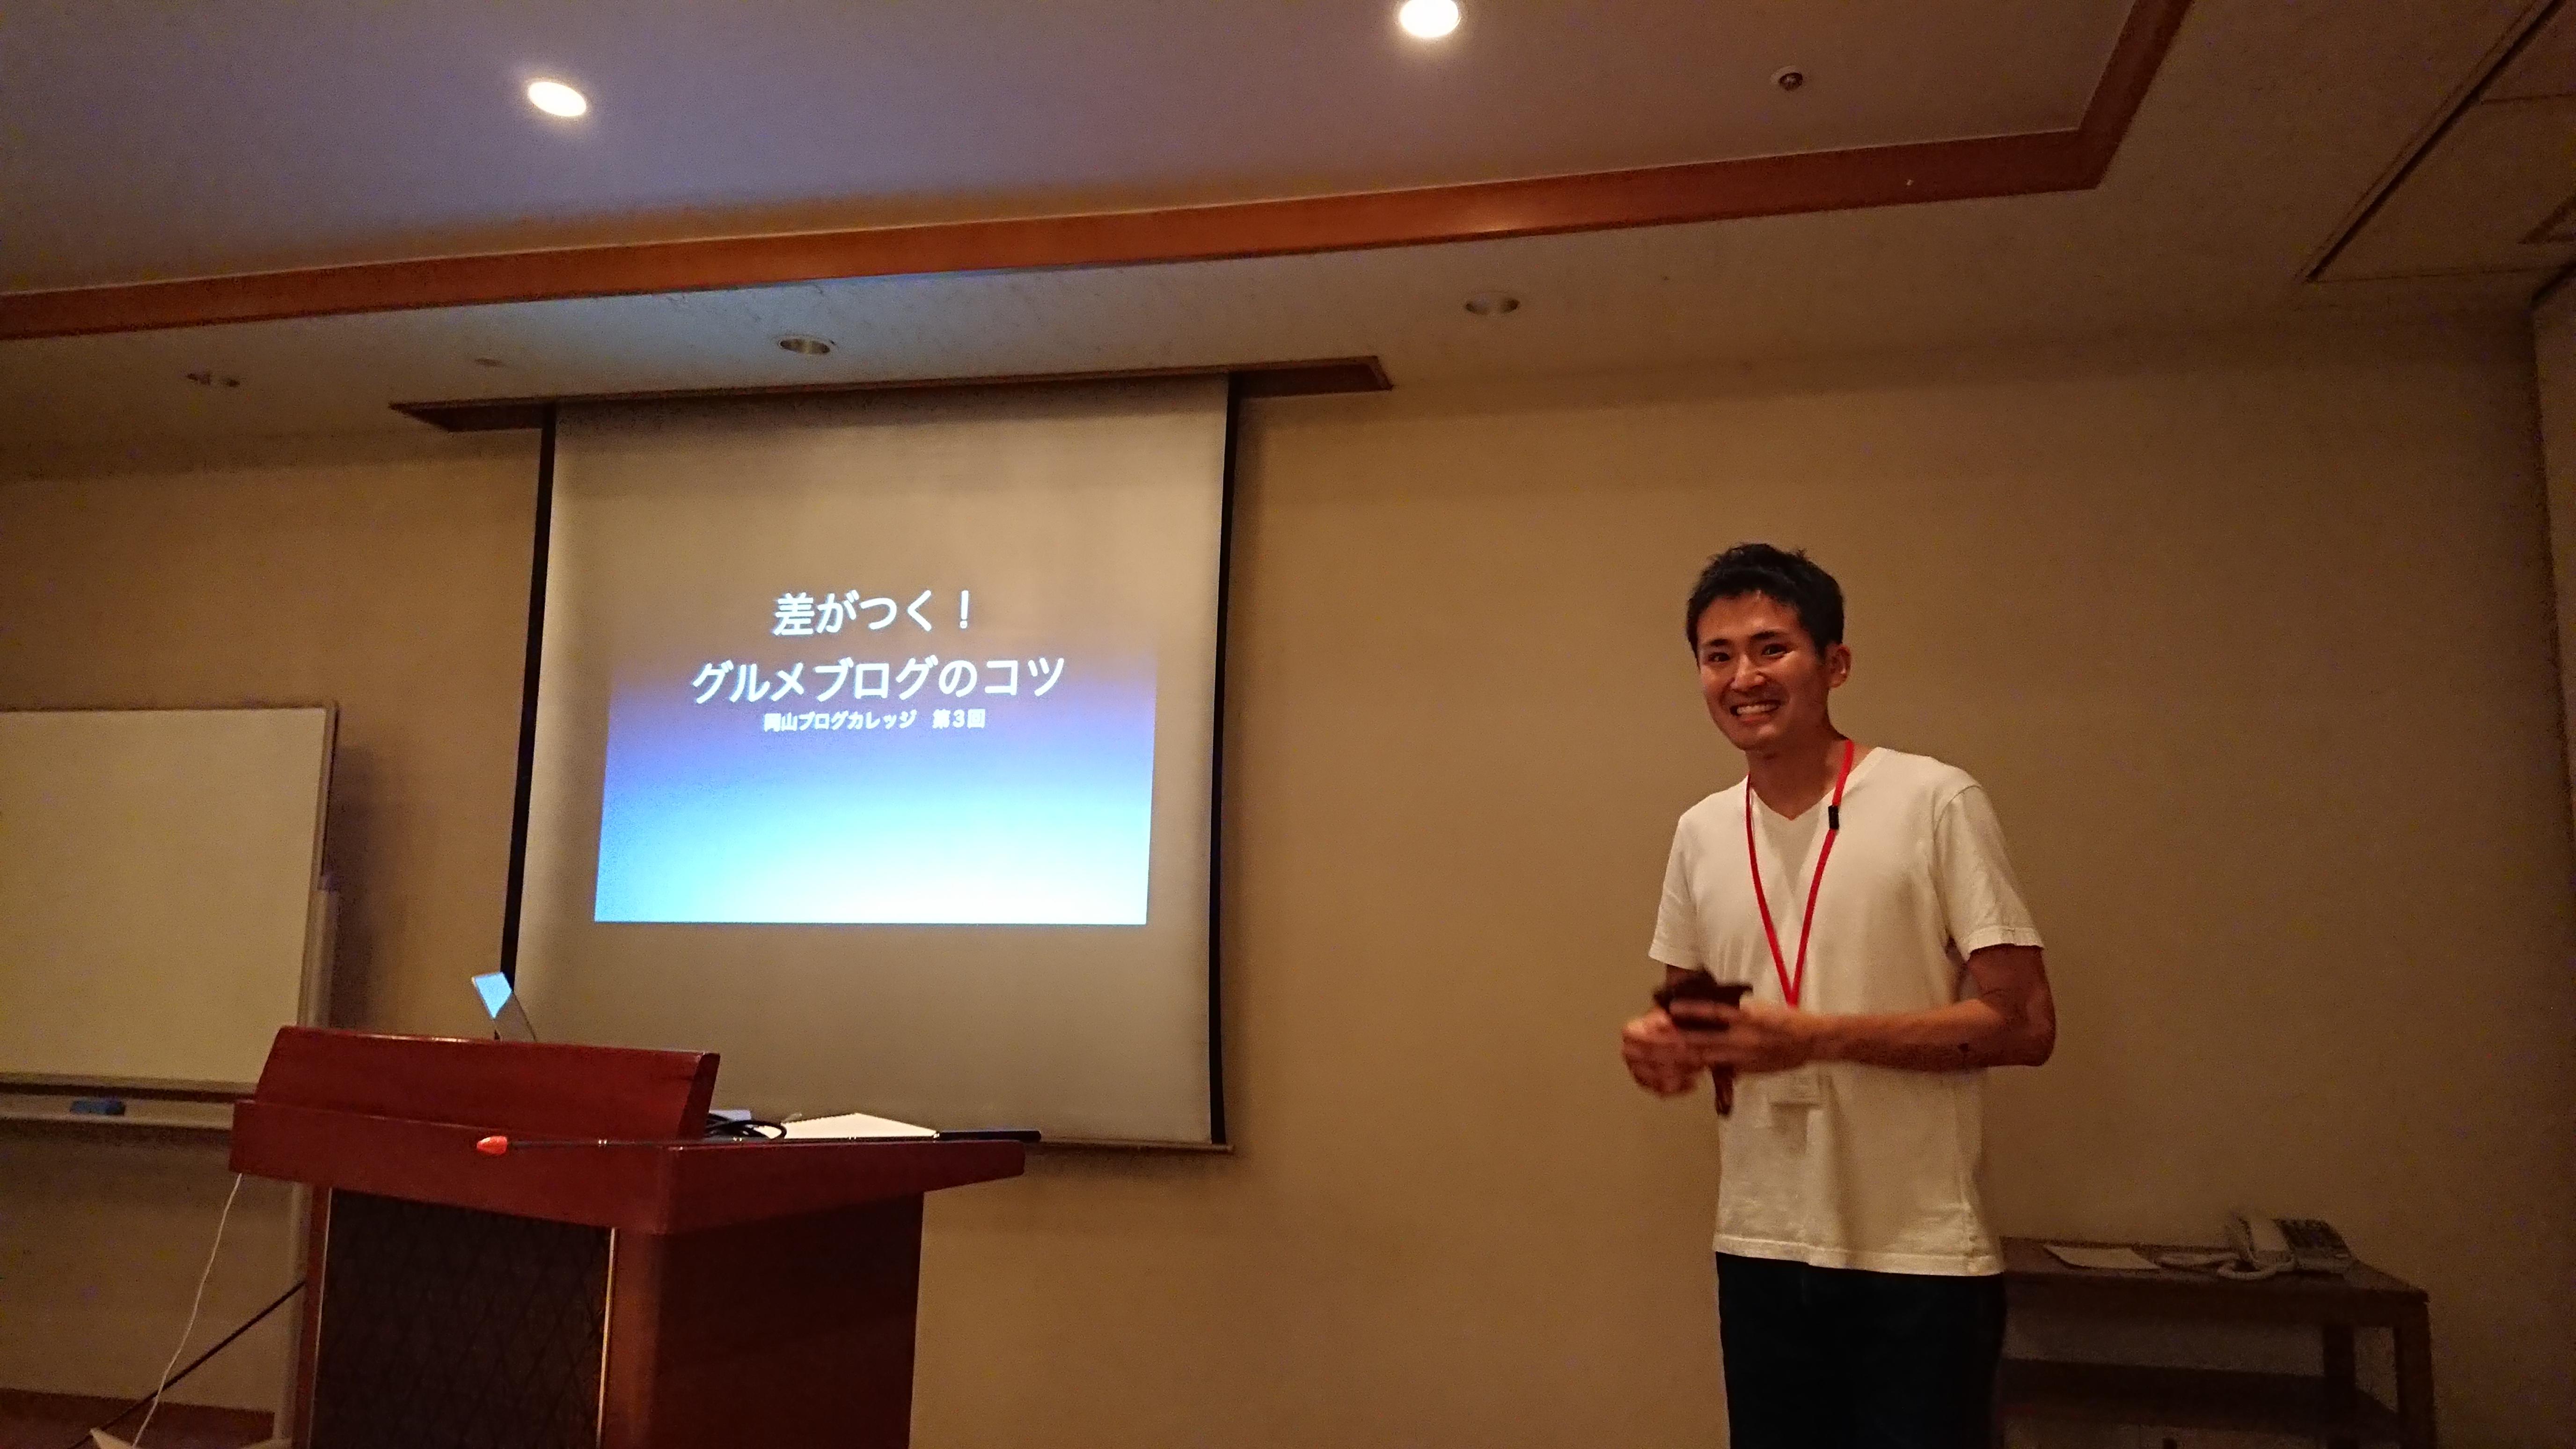 第3回 #岡ブロ に参加してきたよ!講師は岡山グルメ界の第一人者、きーたんさん!